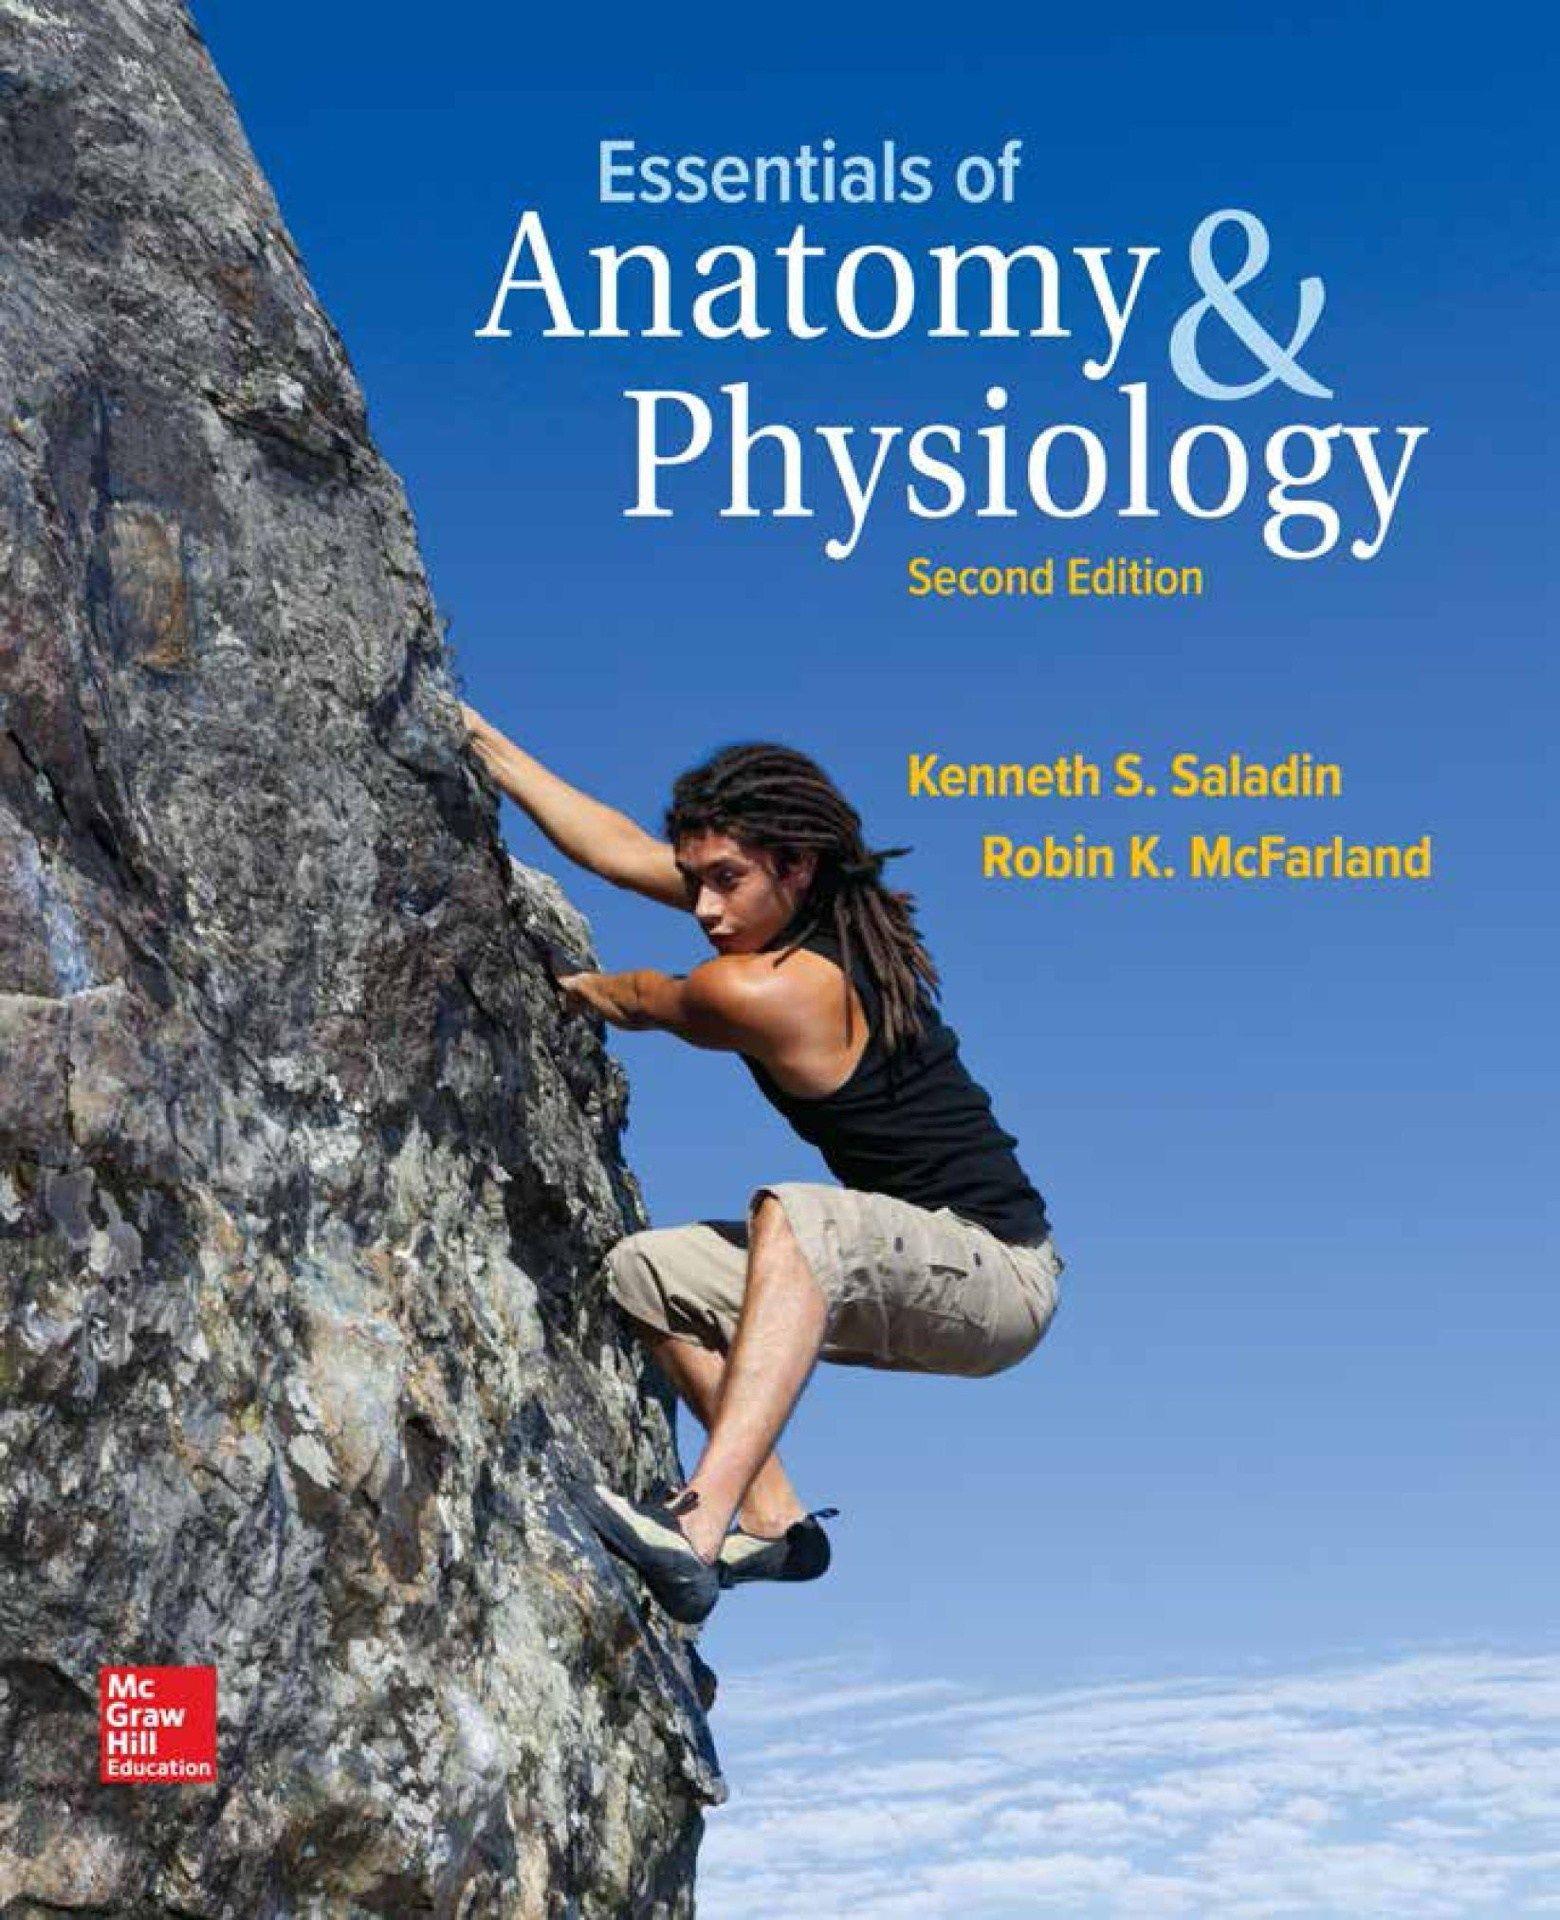 Essentials+of+Human+Anatomy+&+Physiology+12th+edition+PDF+Ebook ...